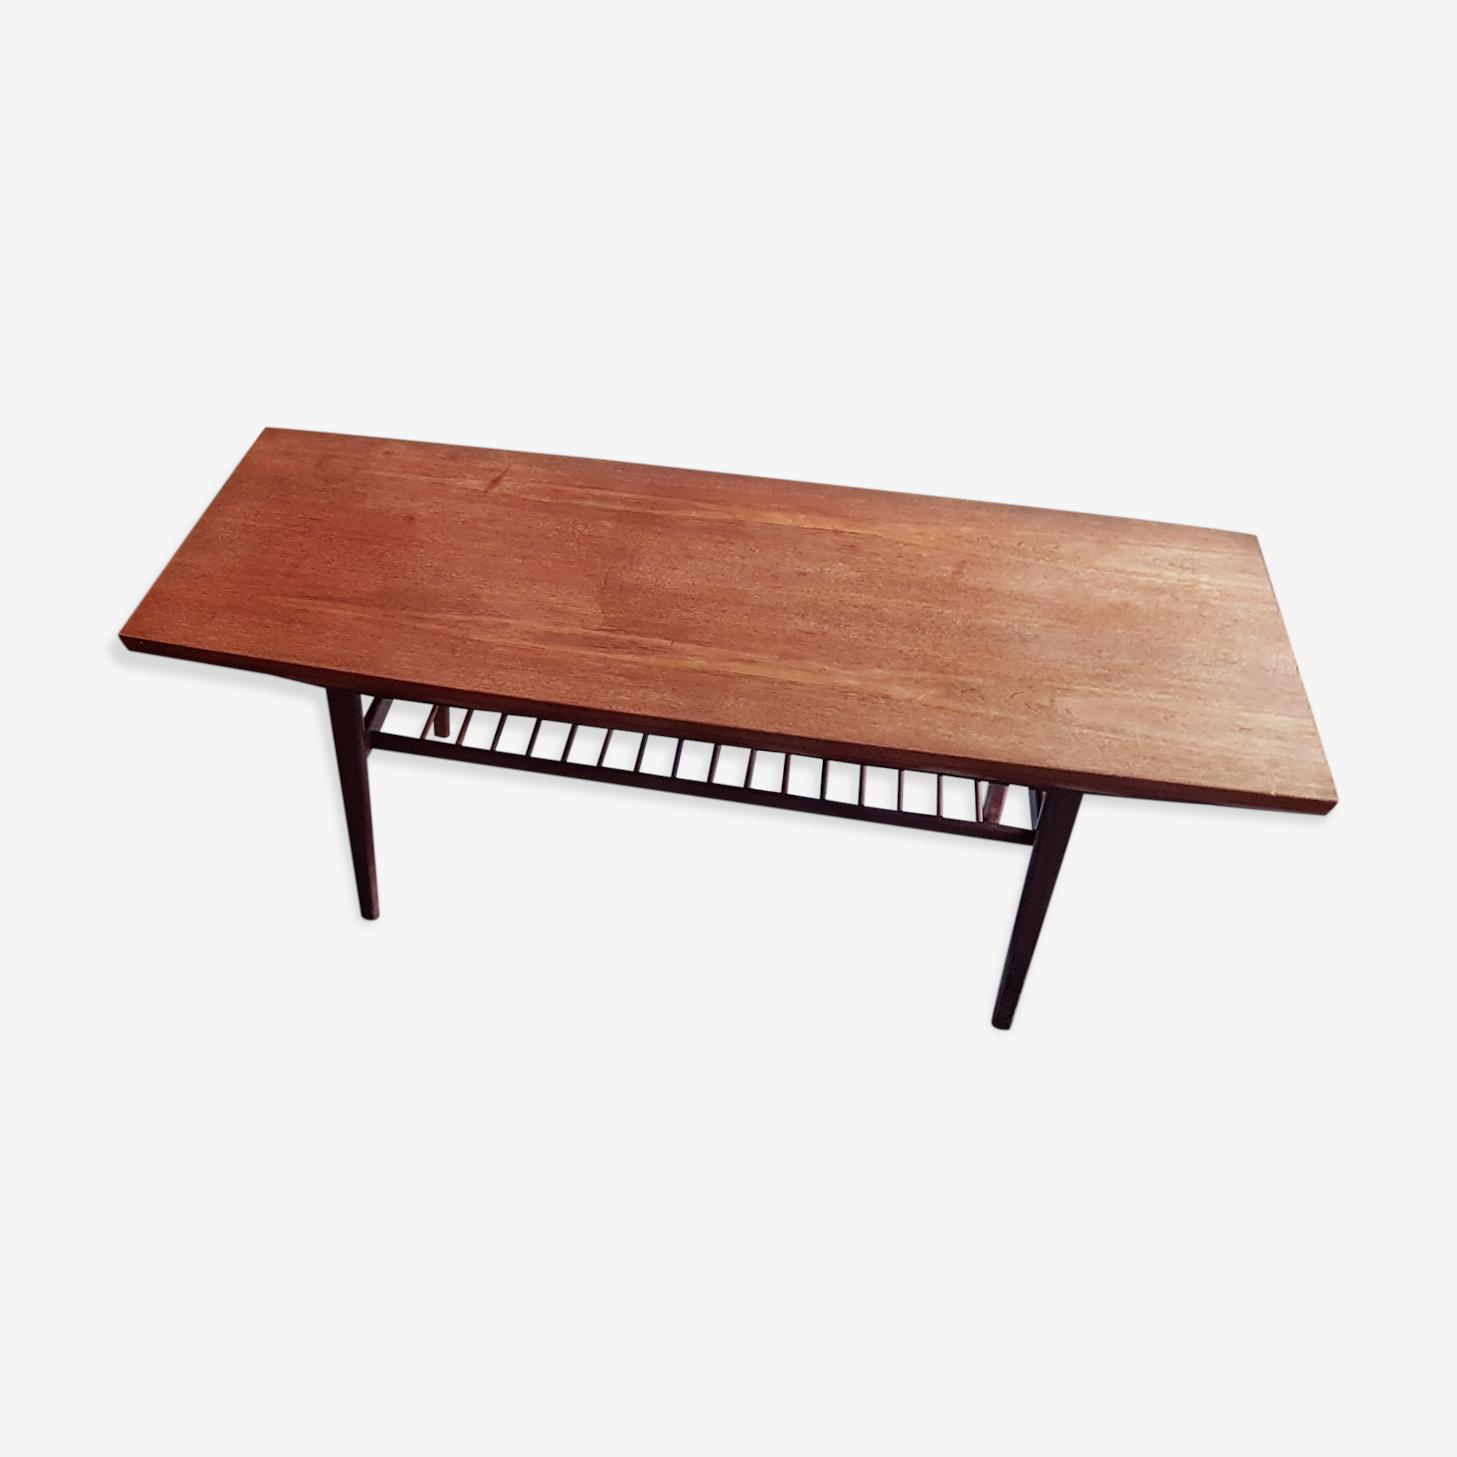 Table basse scandinave en teck années 60 2 rallonges incorporées.